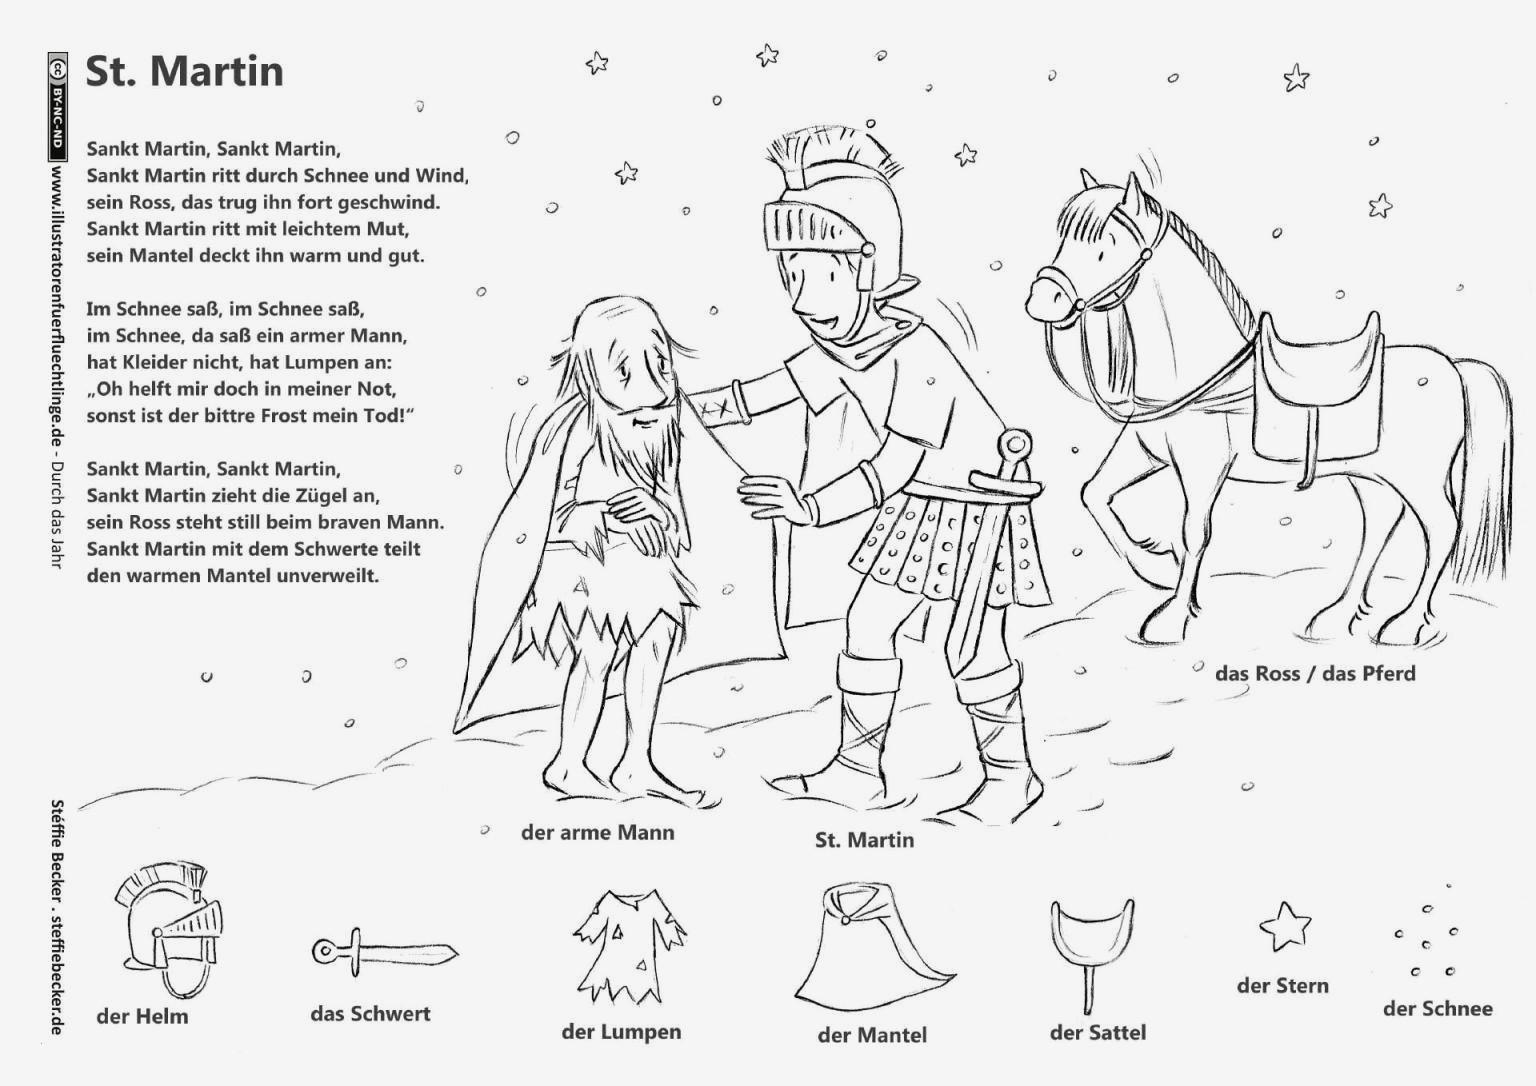 Einhorn Bilder Zum Ausdrucken Neu Einhorn Malvorlage Kinder Verschiedene Bilder Färben Bayern Sammlung